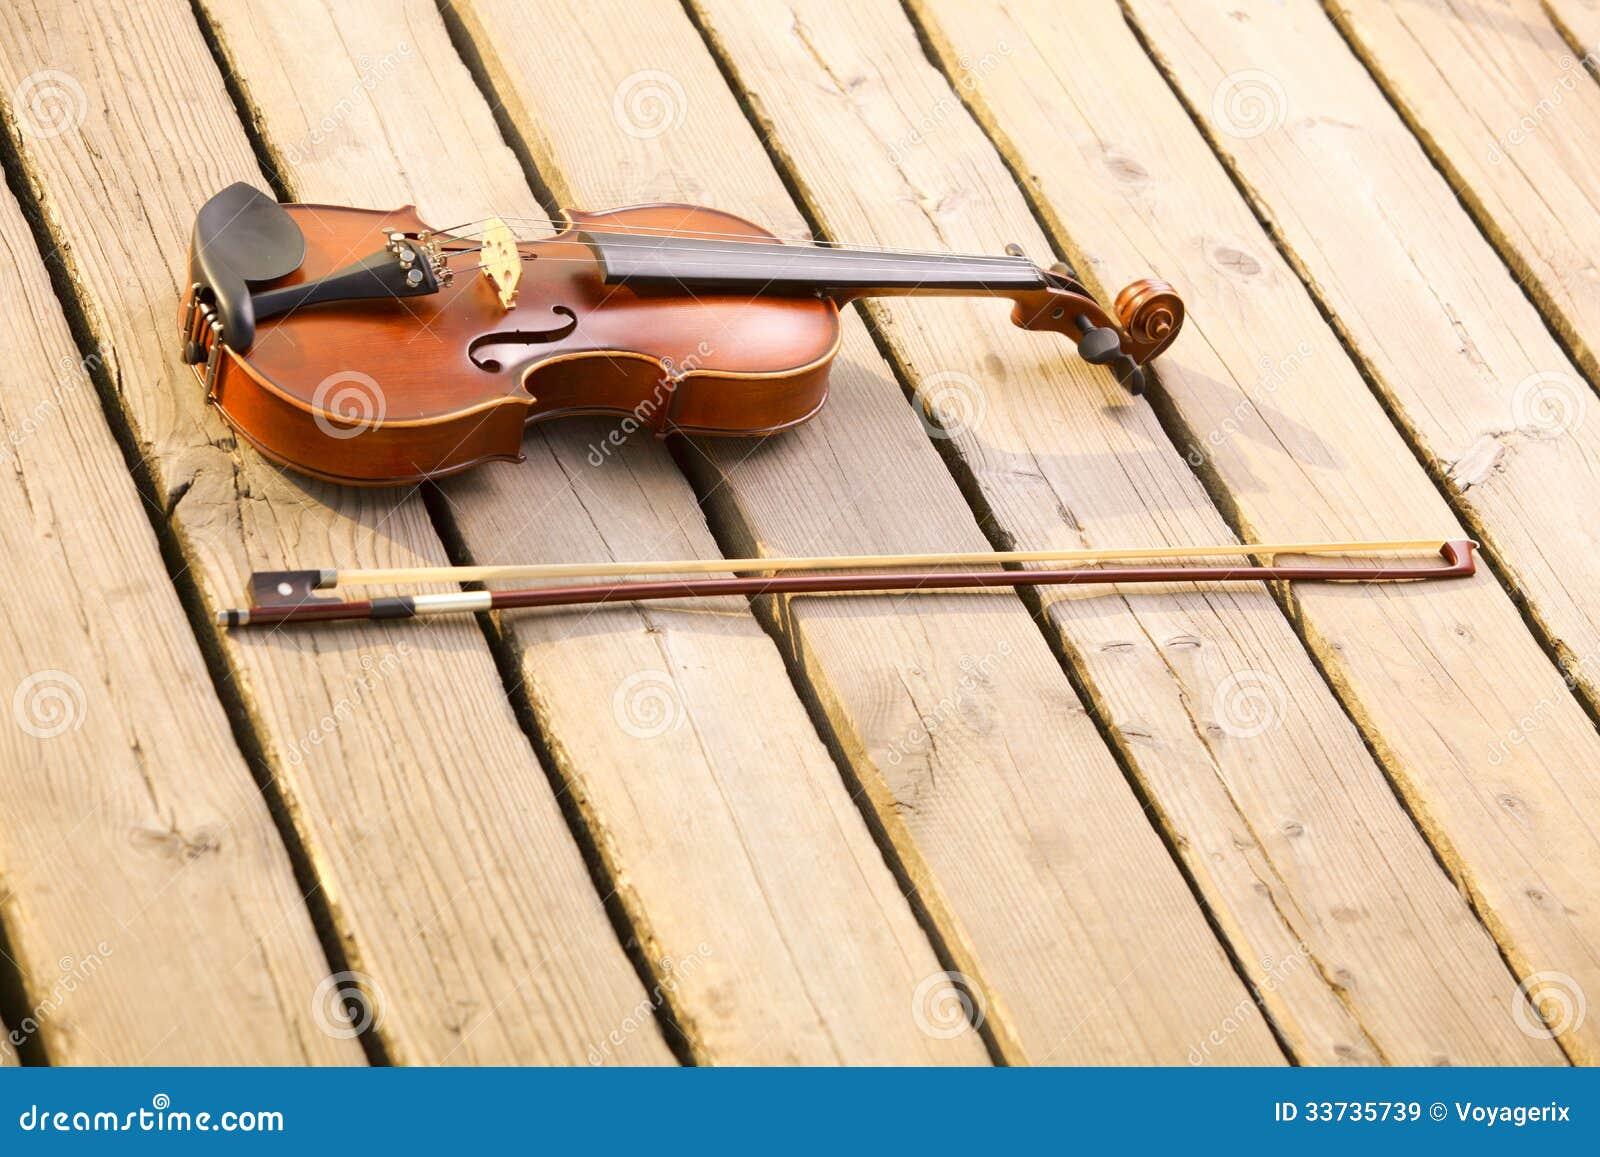 Скрипка на деревянной пристани. Концепция музыки